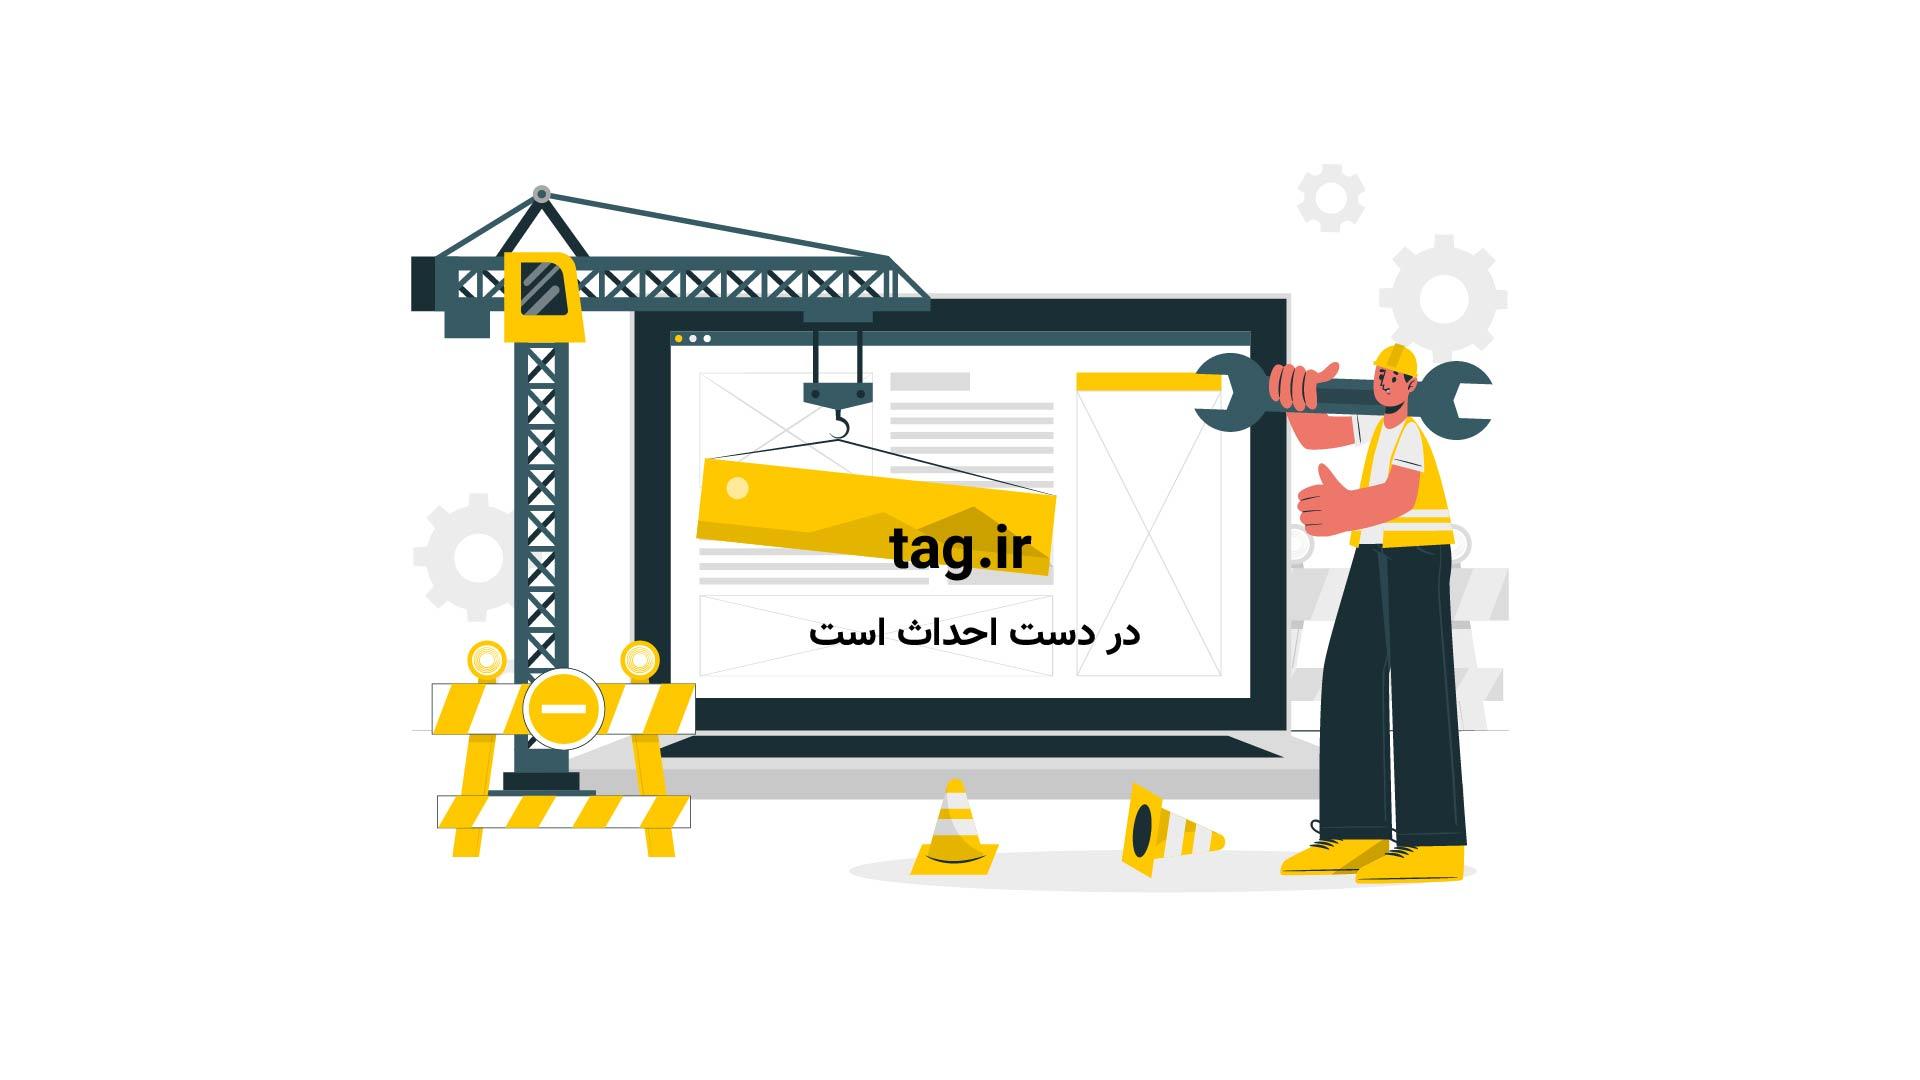 آموزش میوه آرایی و تزیین هندوانه برای شب یلدا | فیلم